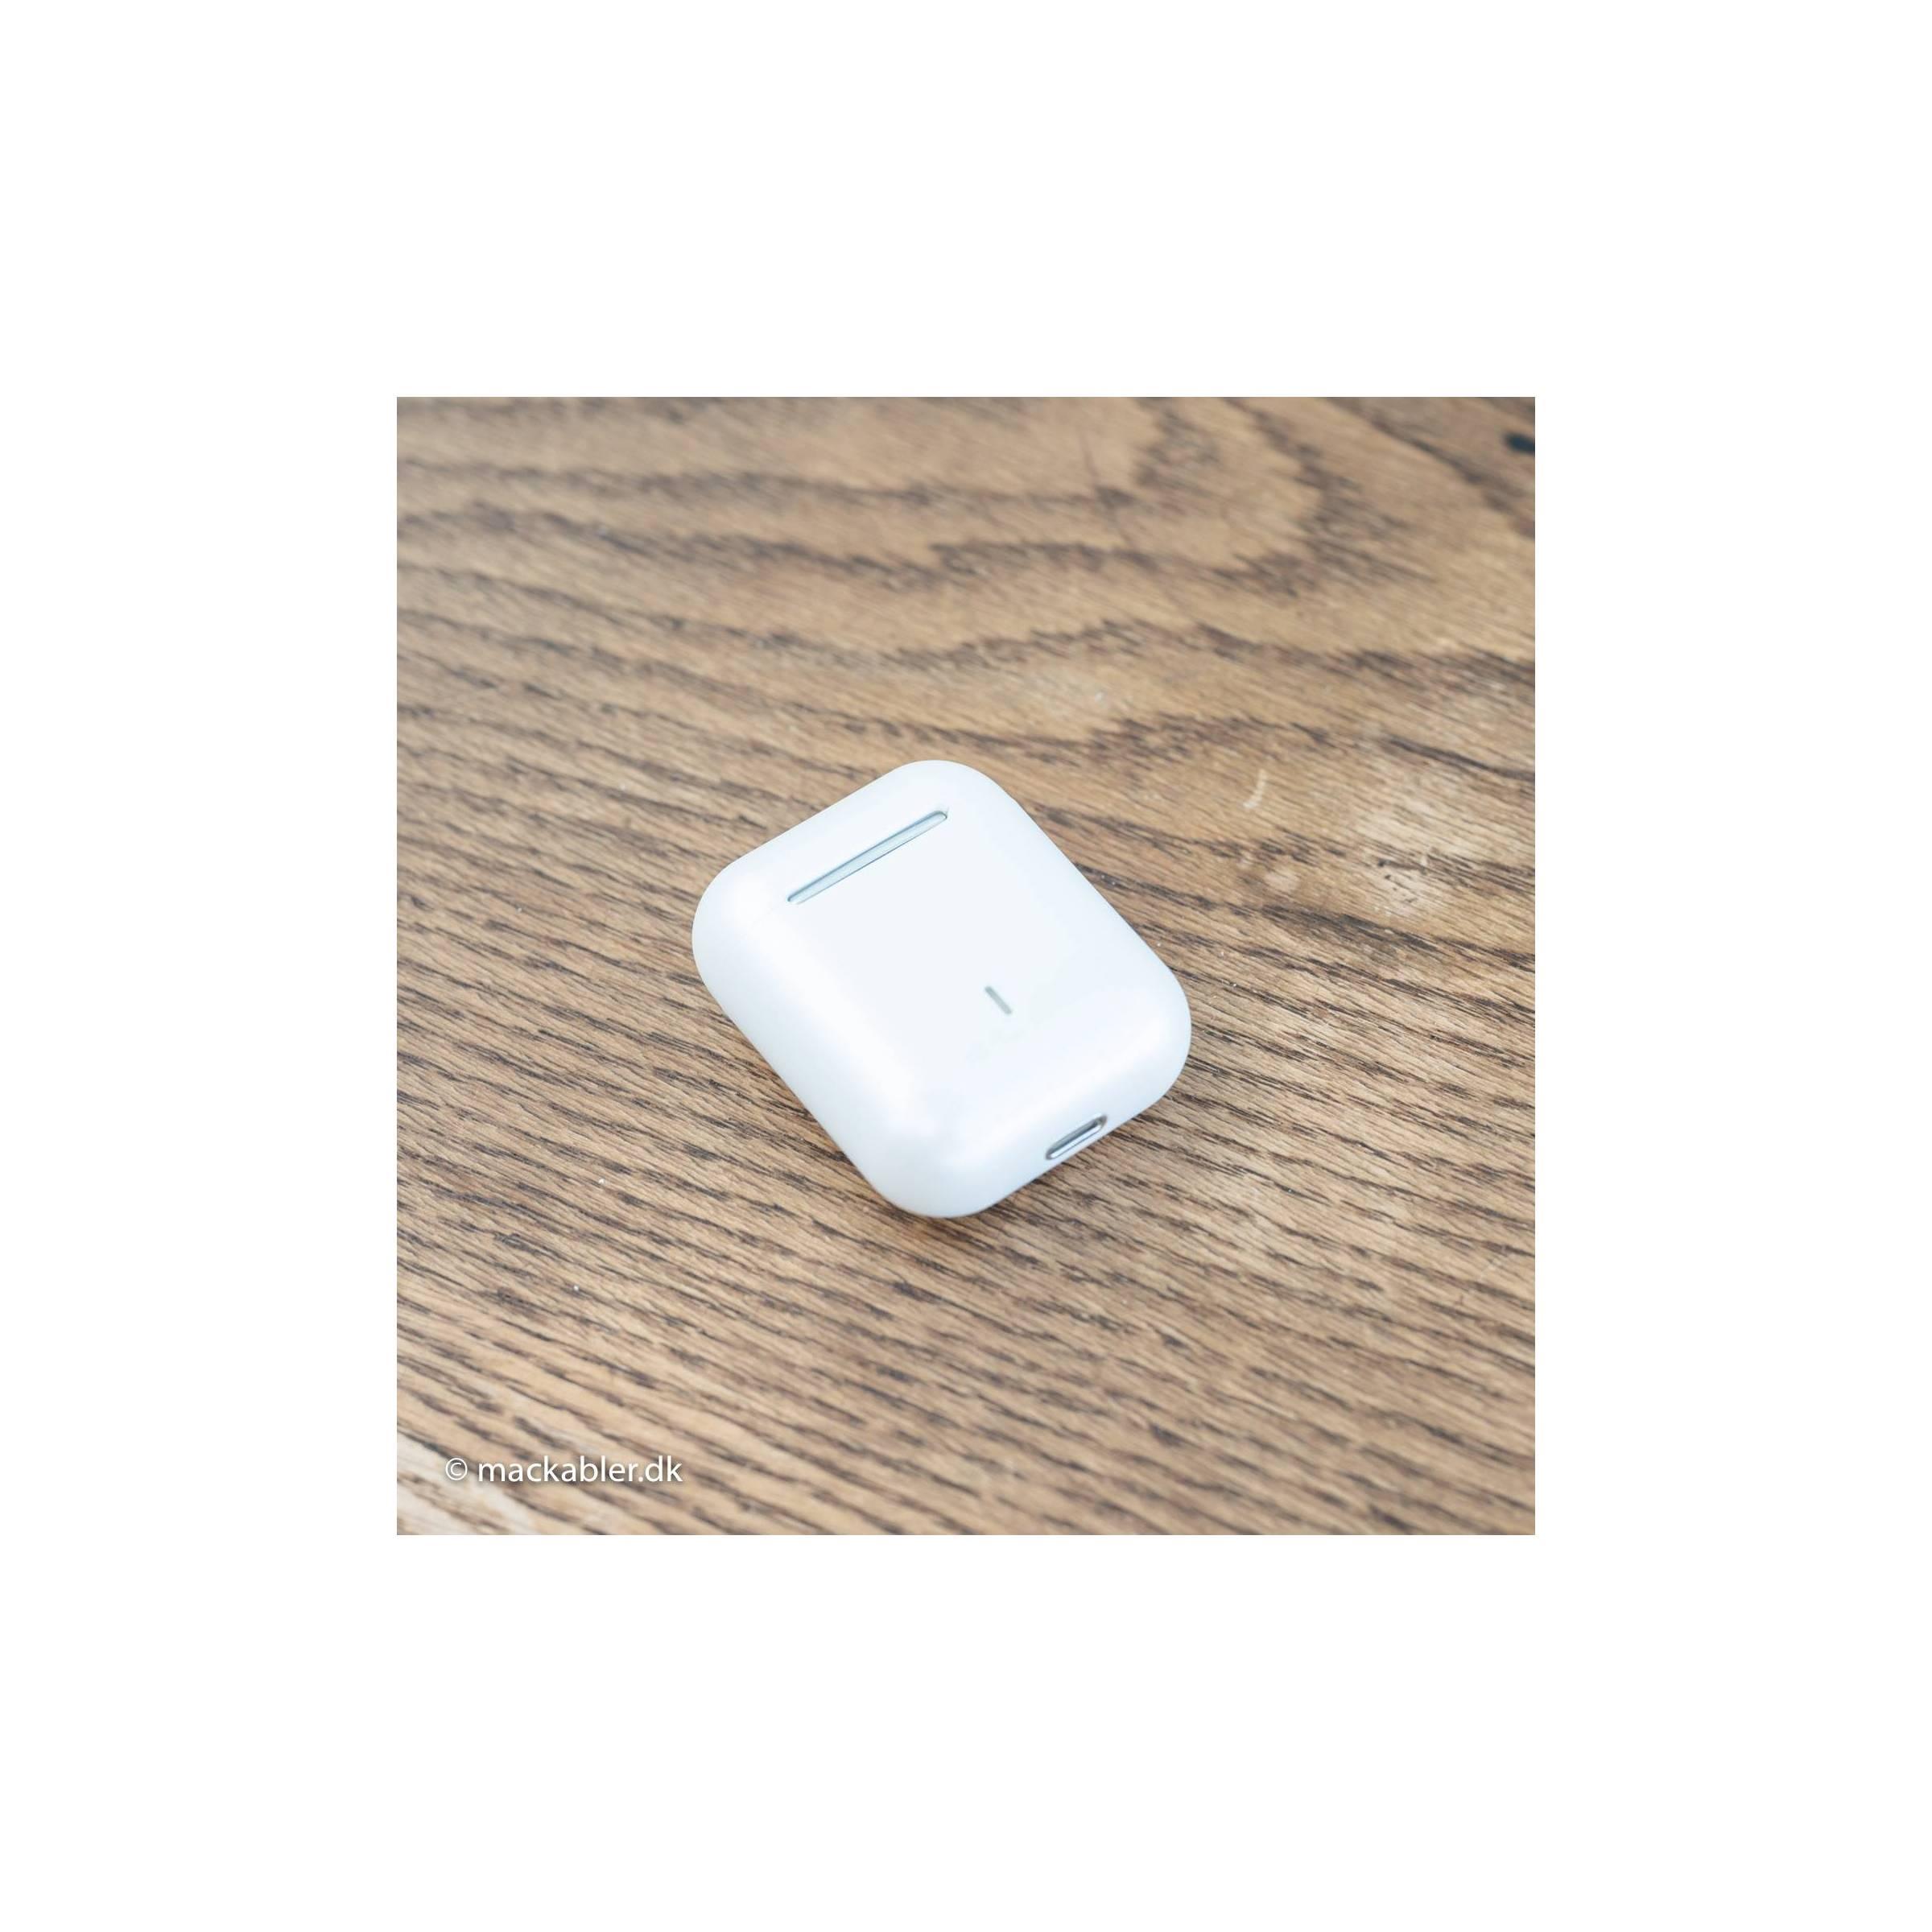 Earbuds true wireless øreproptelefoner bt 5.0 fra kina oem fra mackabler.dk